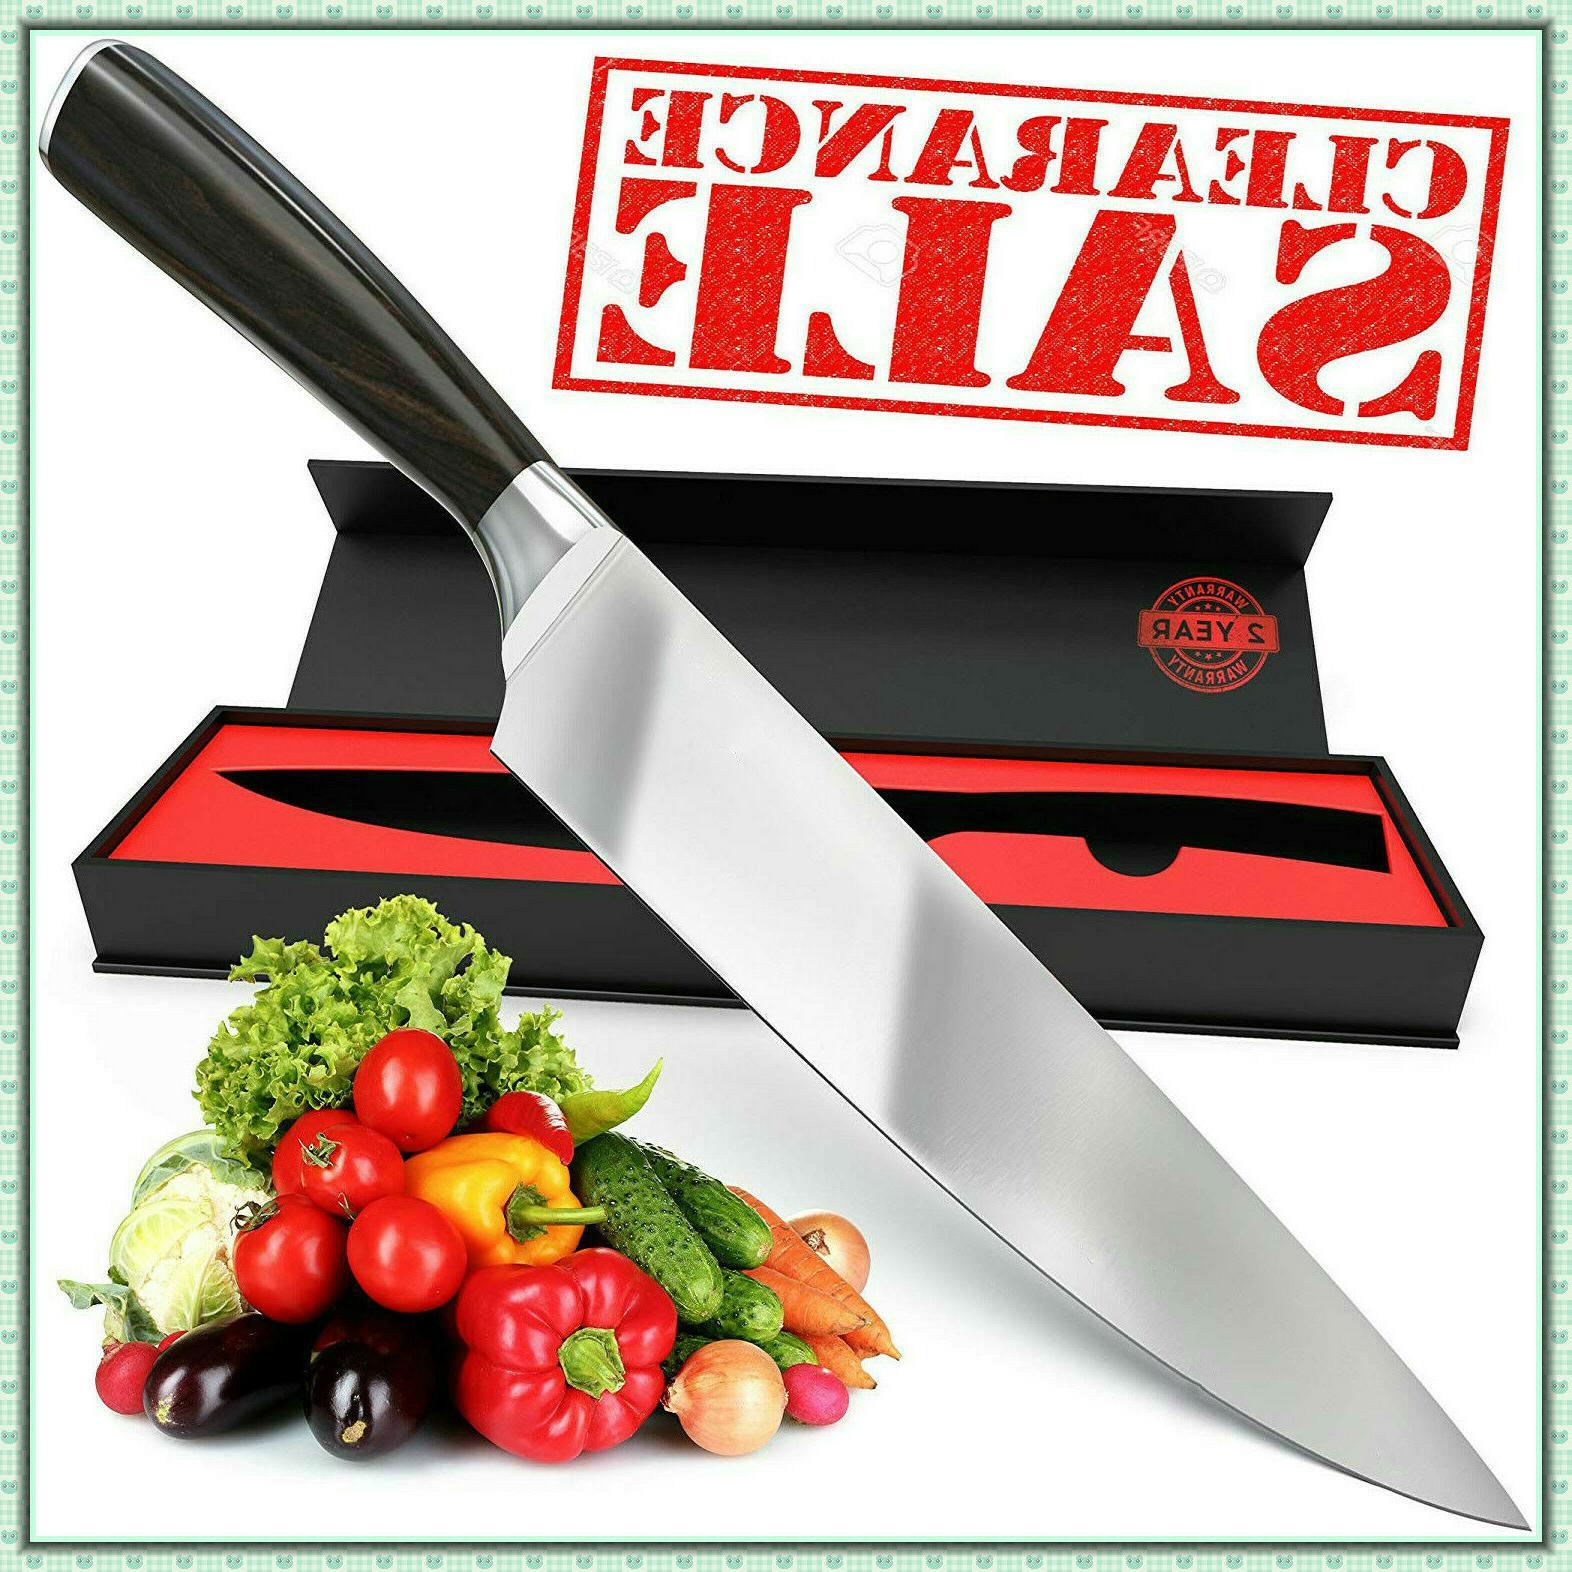 kitchen 8inch chef knife super sharp knife